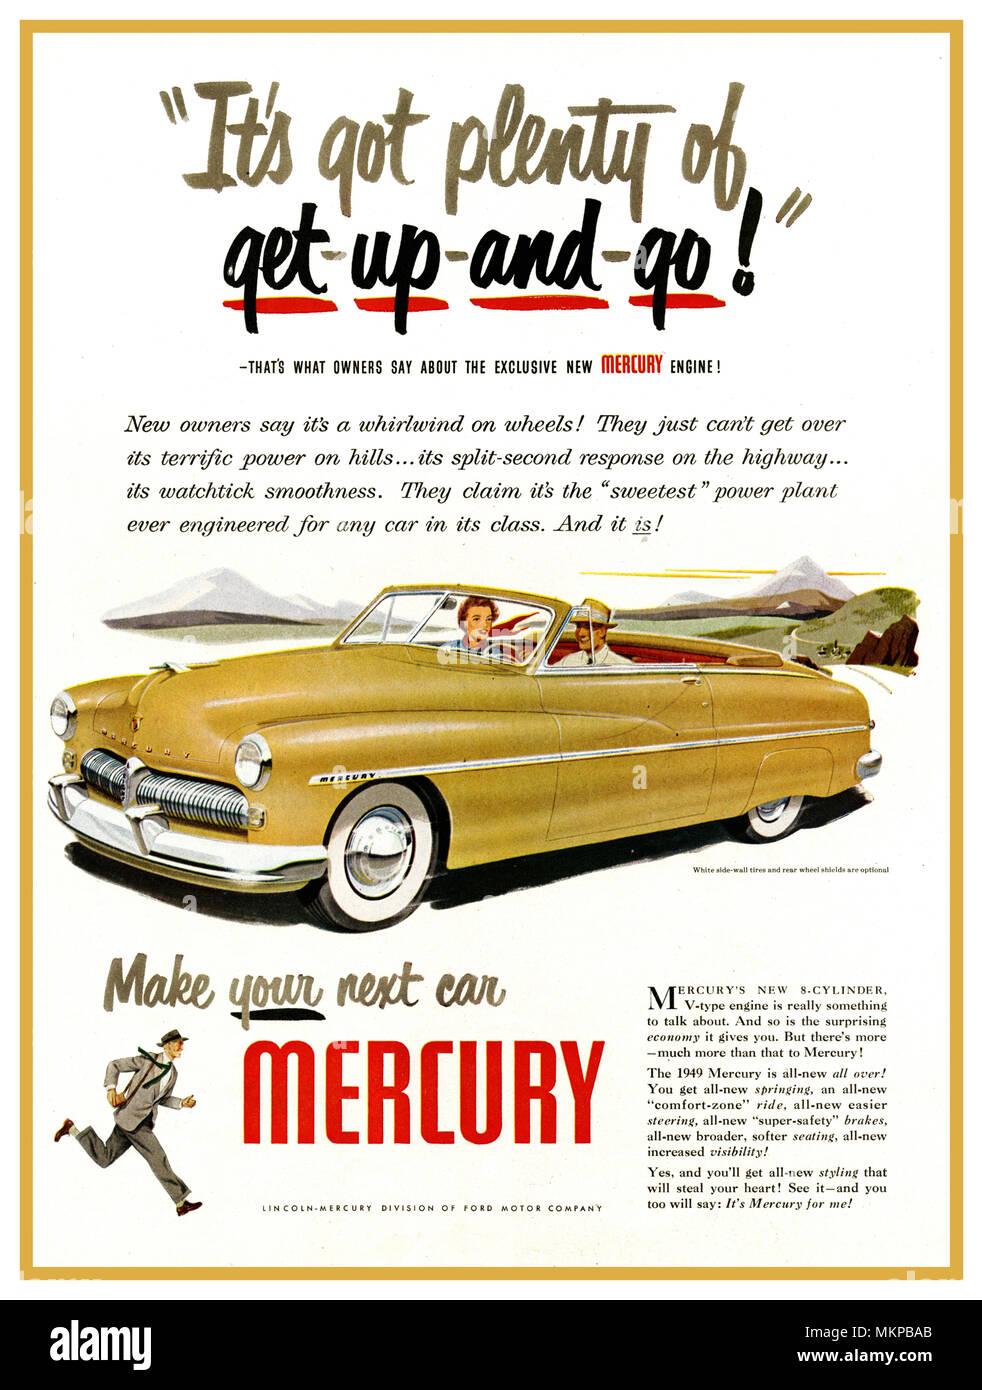 1949 American USA Mercury Auto Automobil Presse Ad Quecksilber 2 Tür, leistungsstarke Ake 8 Zylinder V4-Motor coupé bin Ihr nächstes Auto ein Quecksilber'' Stockbild